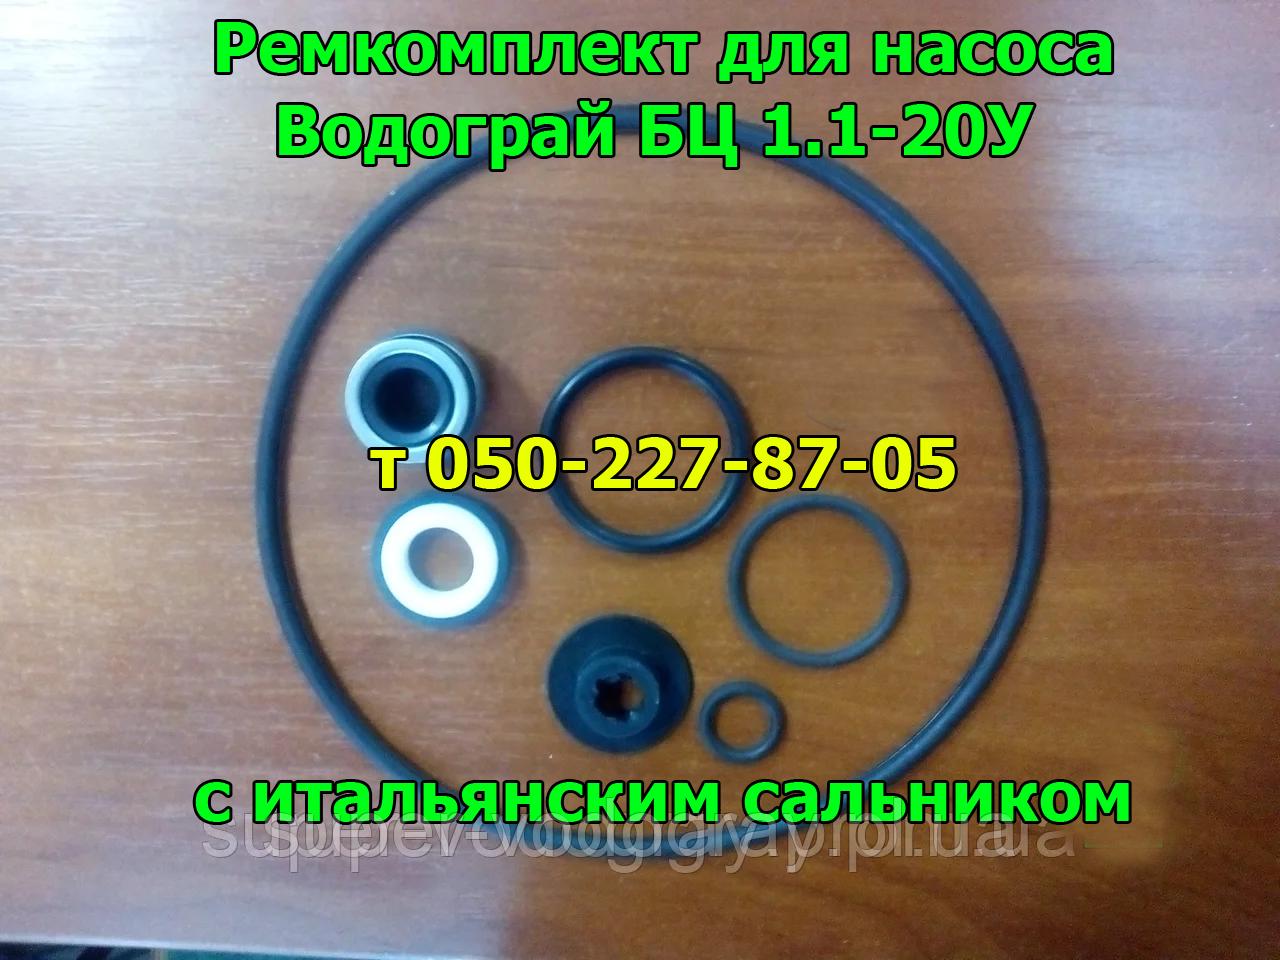 Ремкомплект для насоса Водограй БЦ 1.1-20У (без подшипника)